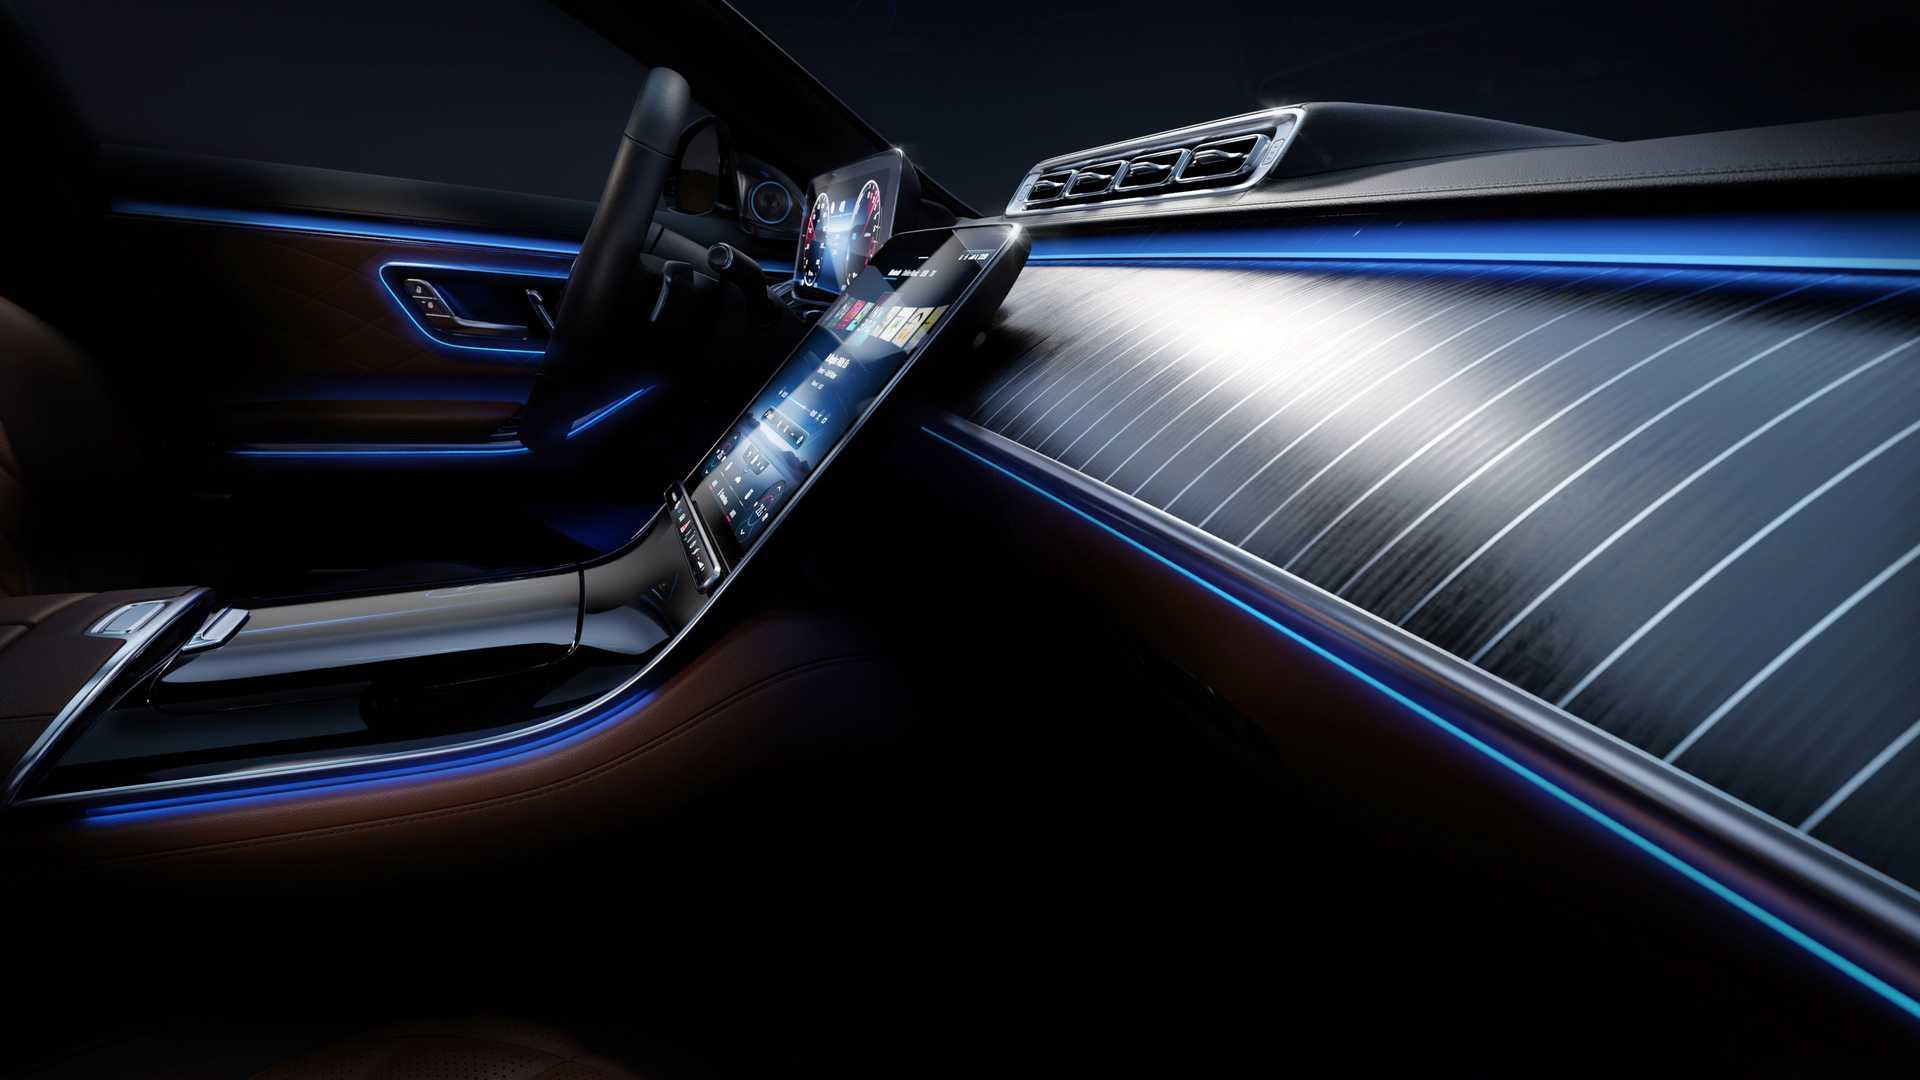 2021-mercedes-benz-s-class-ambient-lighting-6